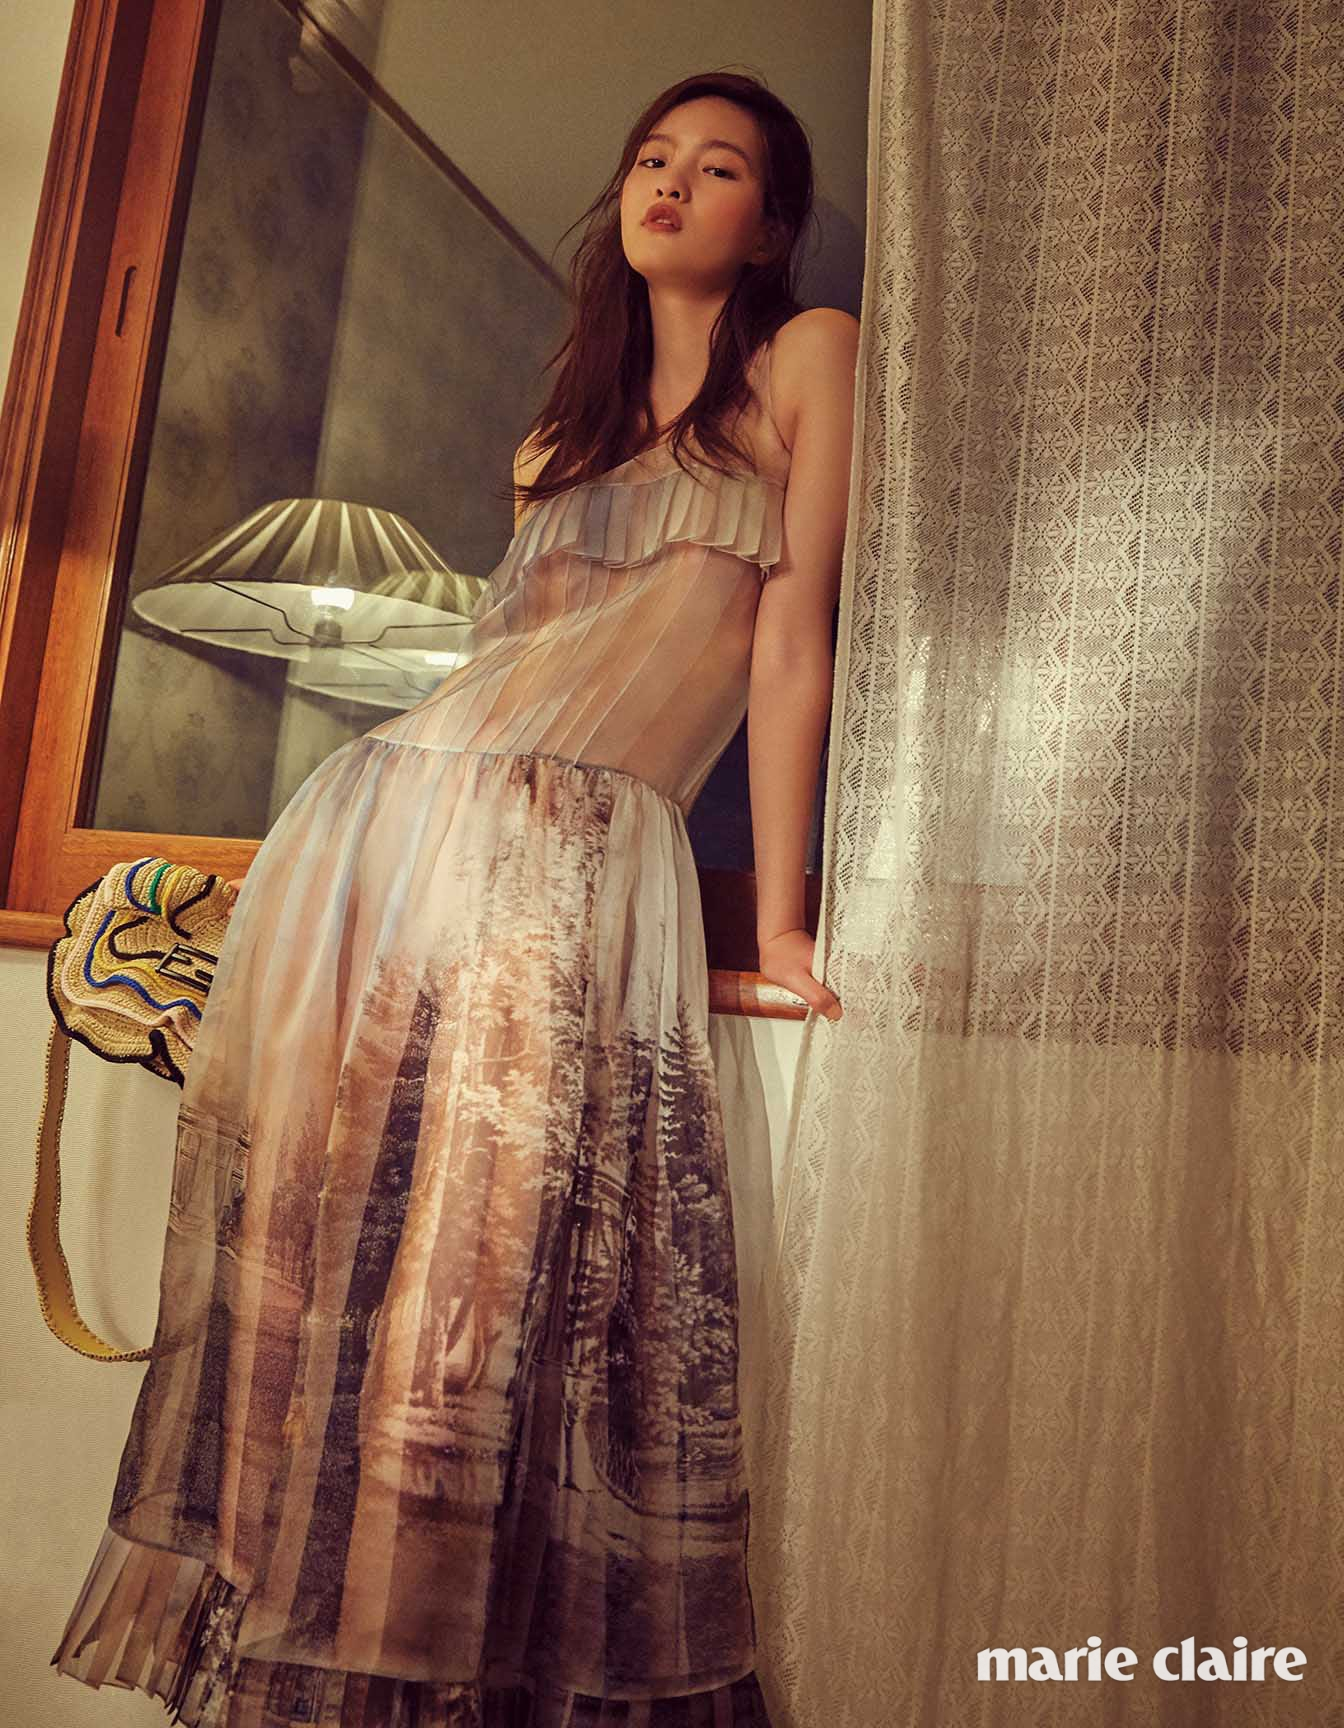 시스루 슬리브리스 드레스 4백5만원, 스트로 바게트 백 3백16만원 모두 펜디(Fendi)